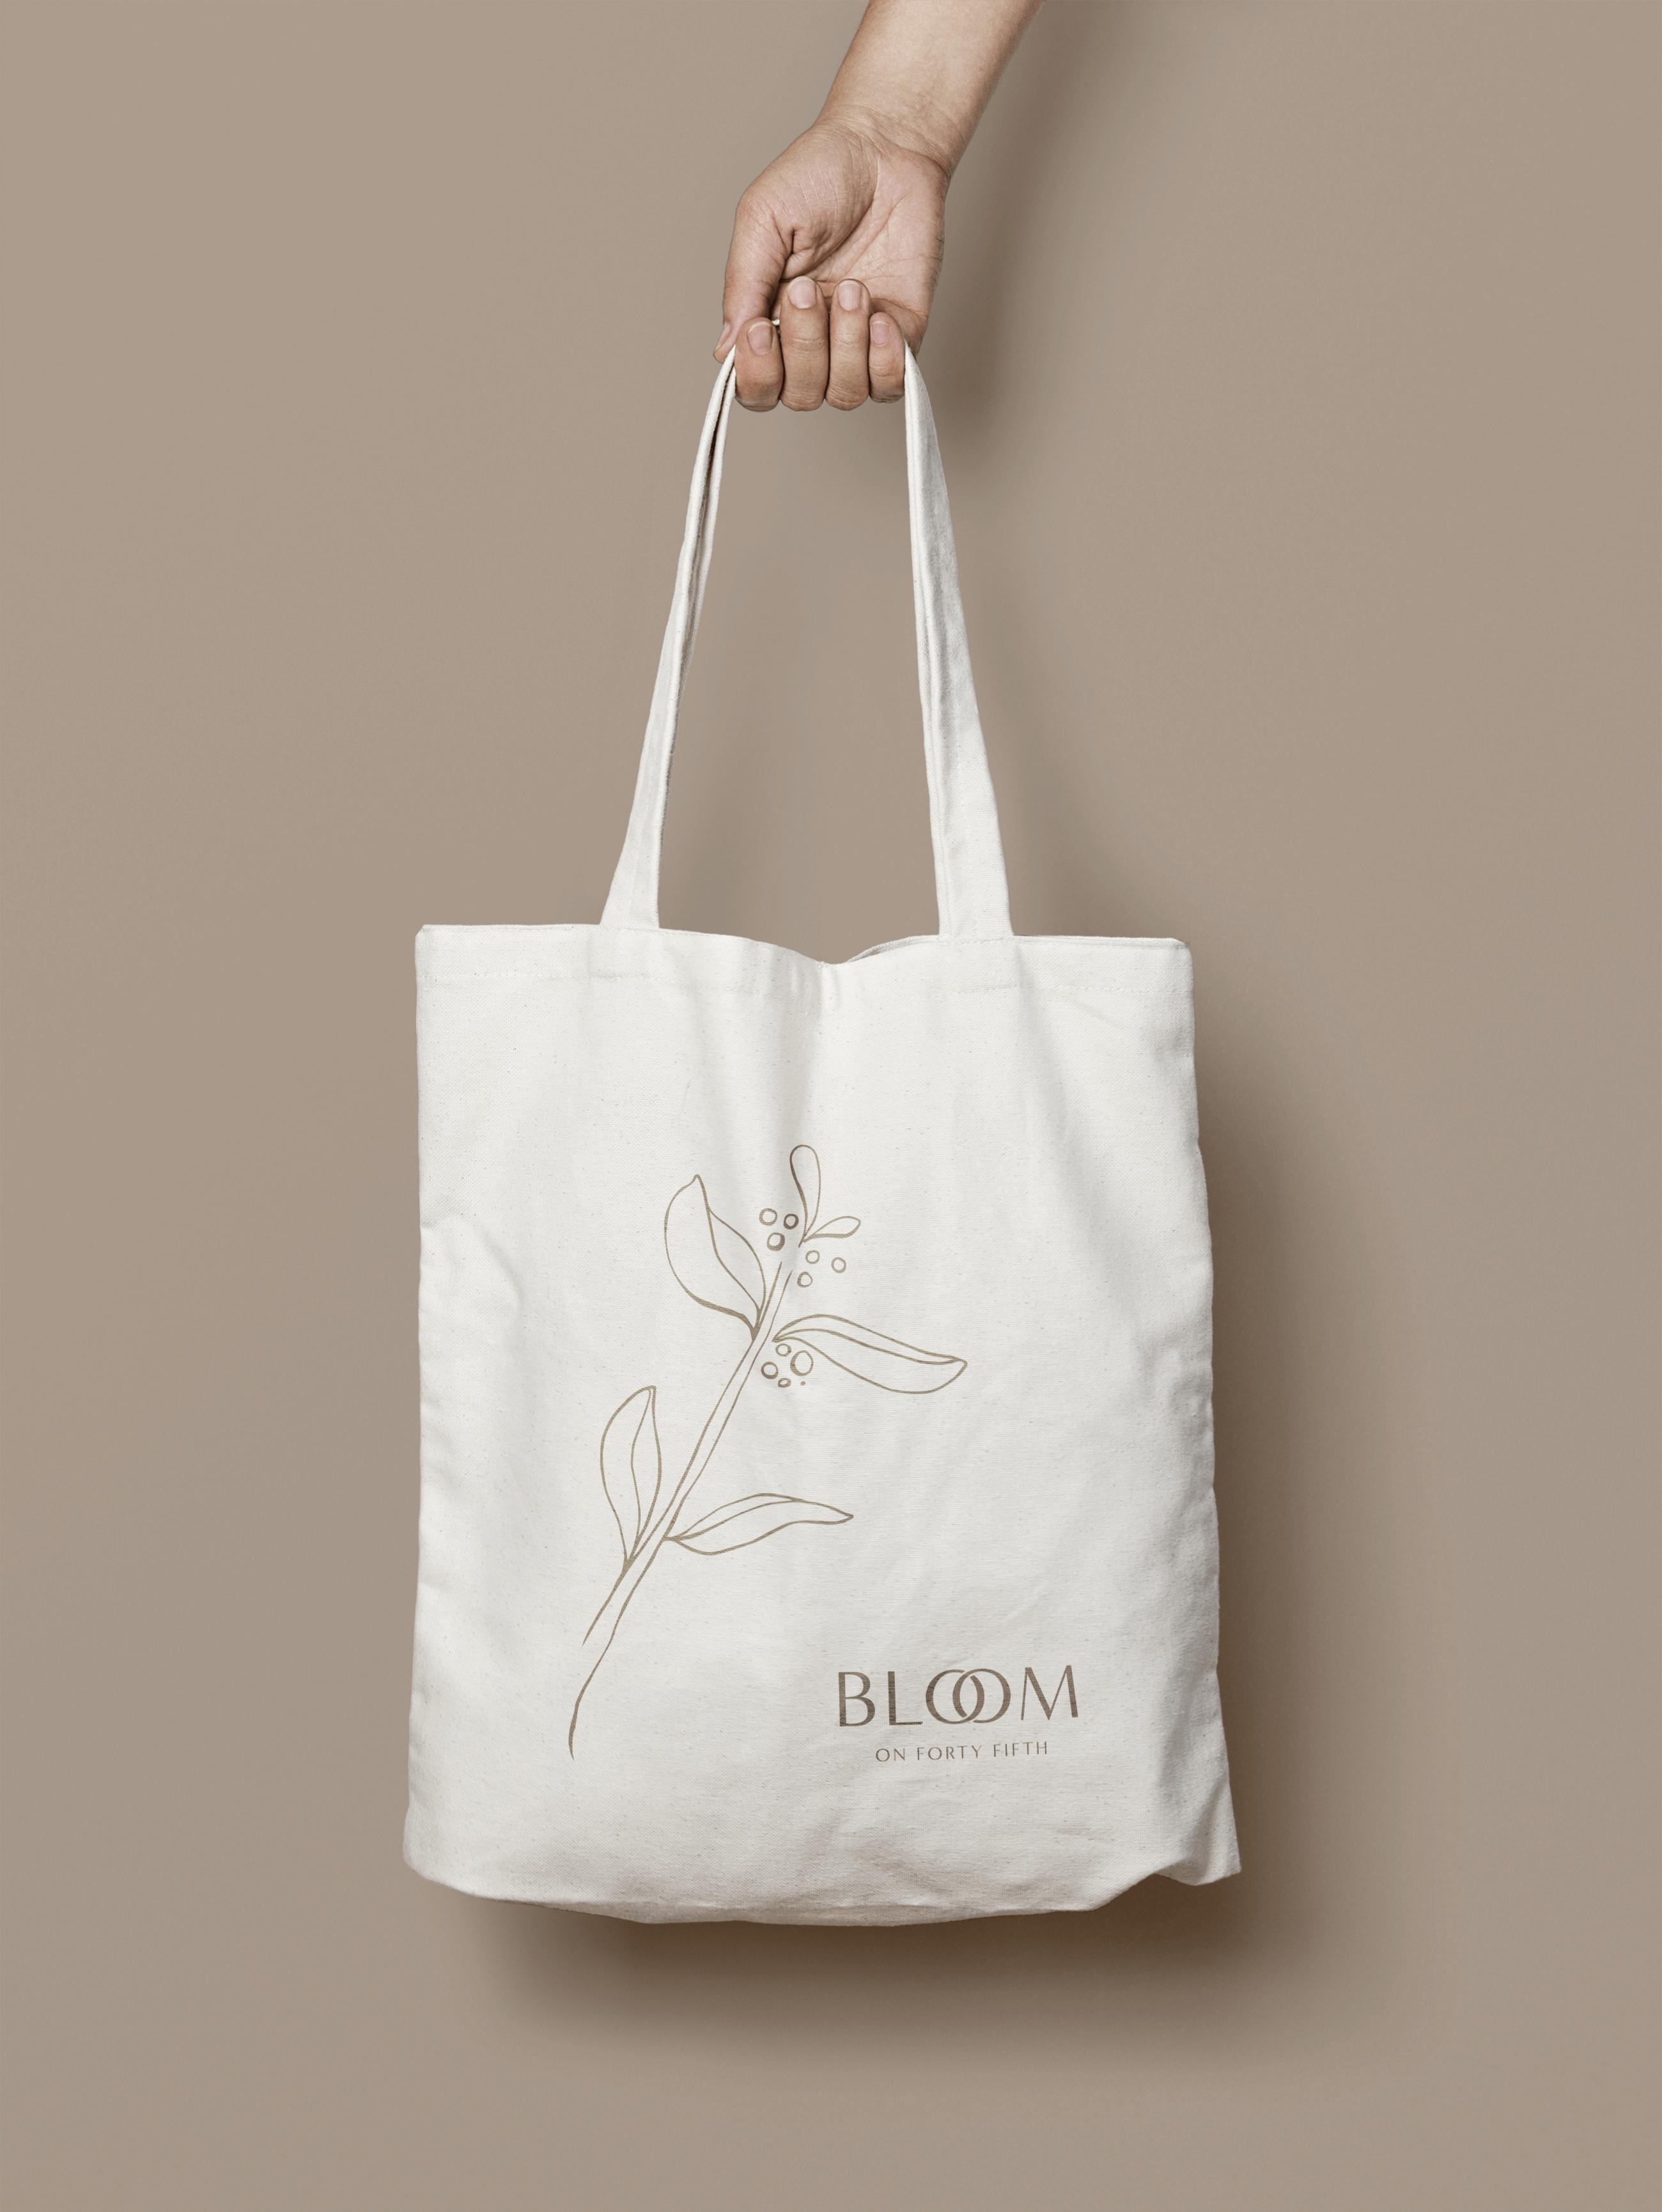 Bloom-Tote_v003-5-1